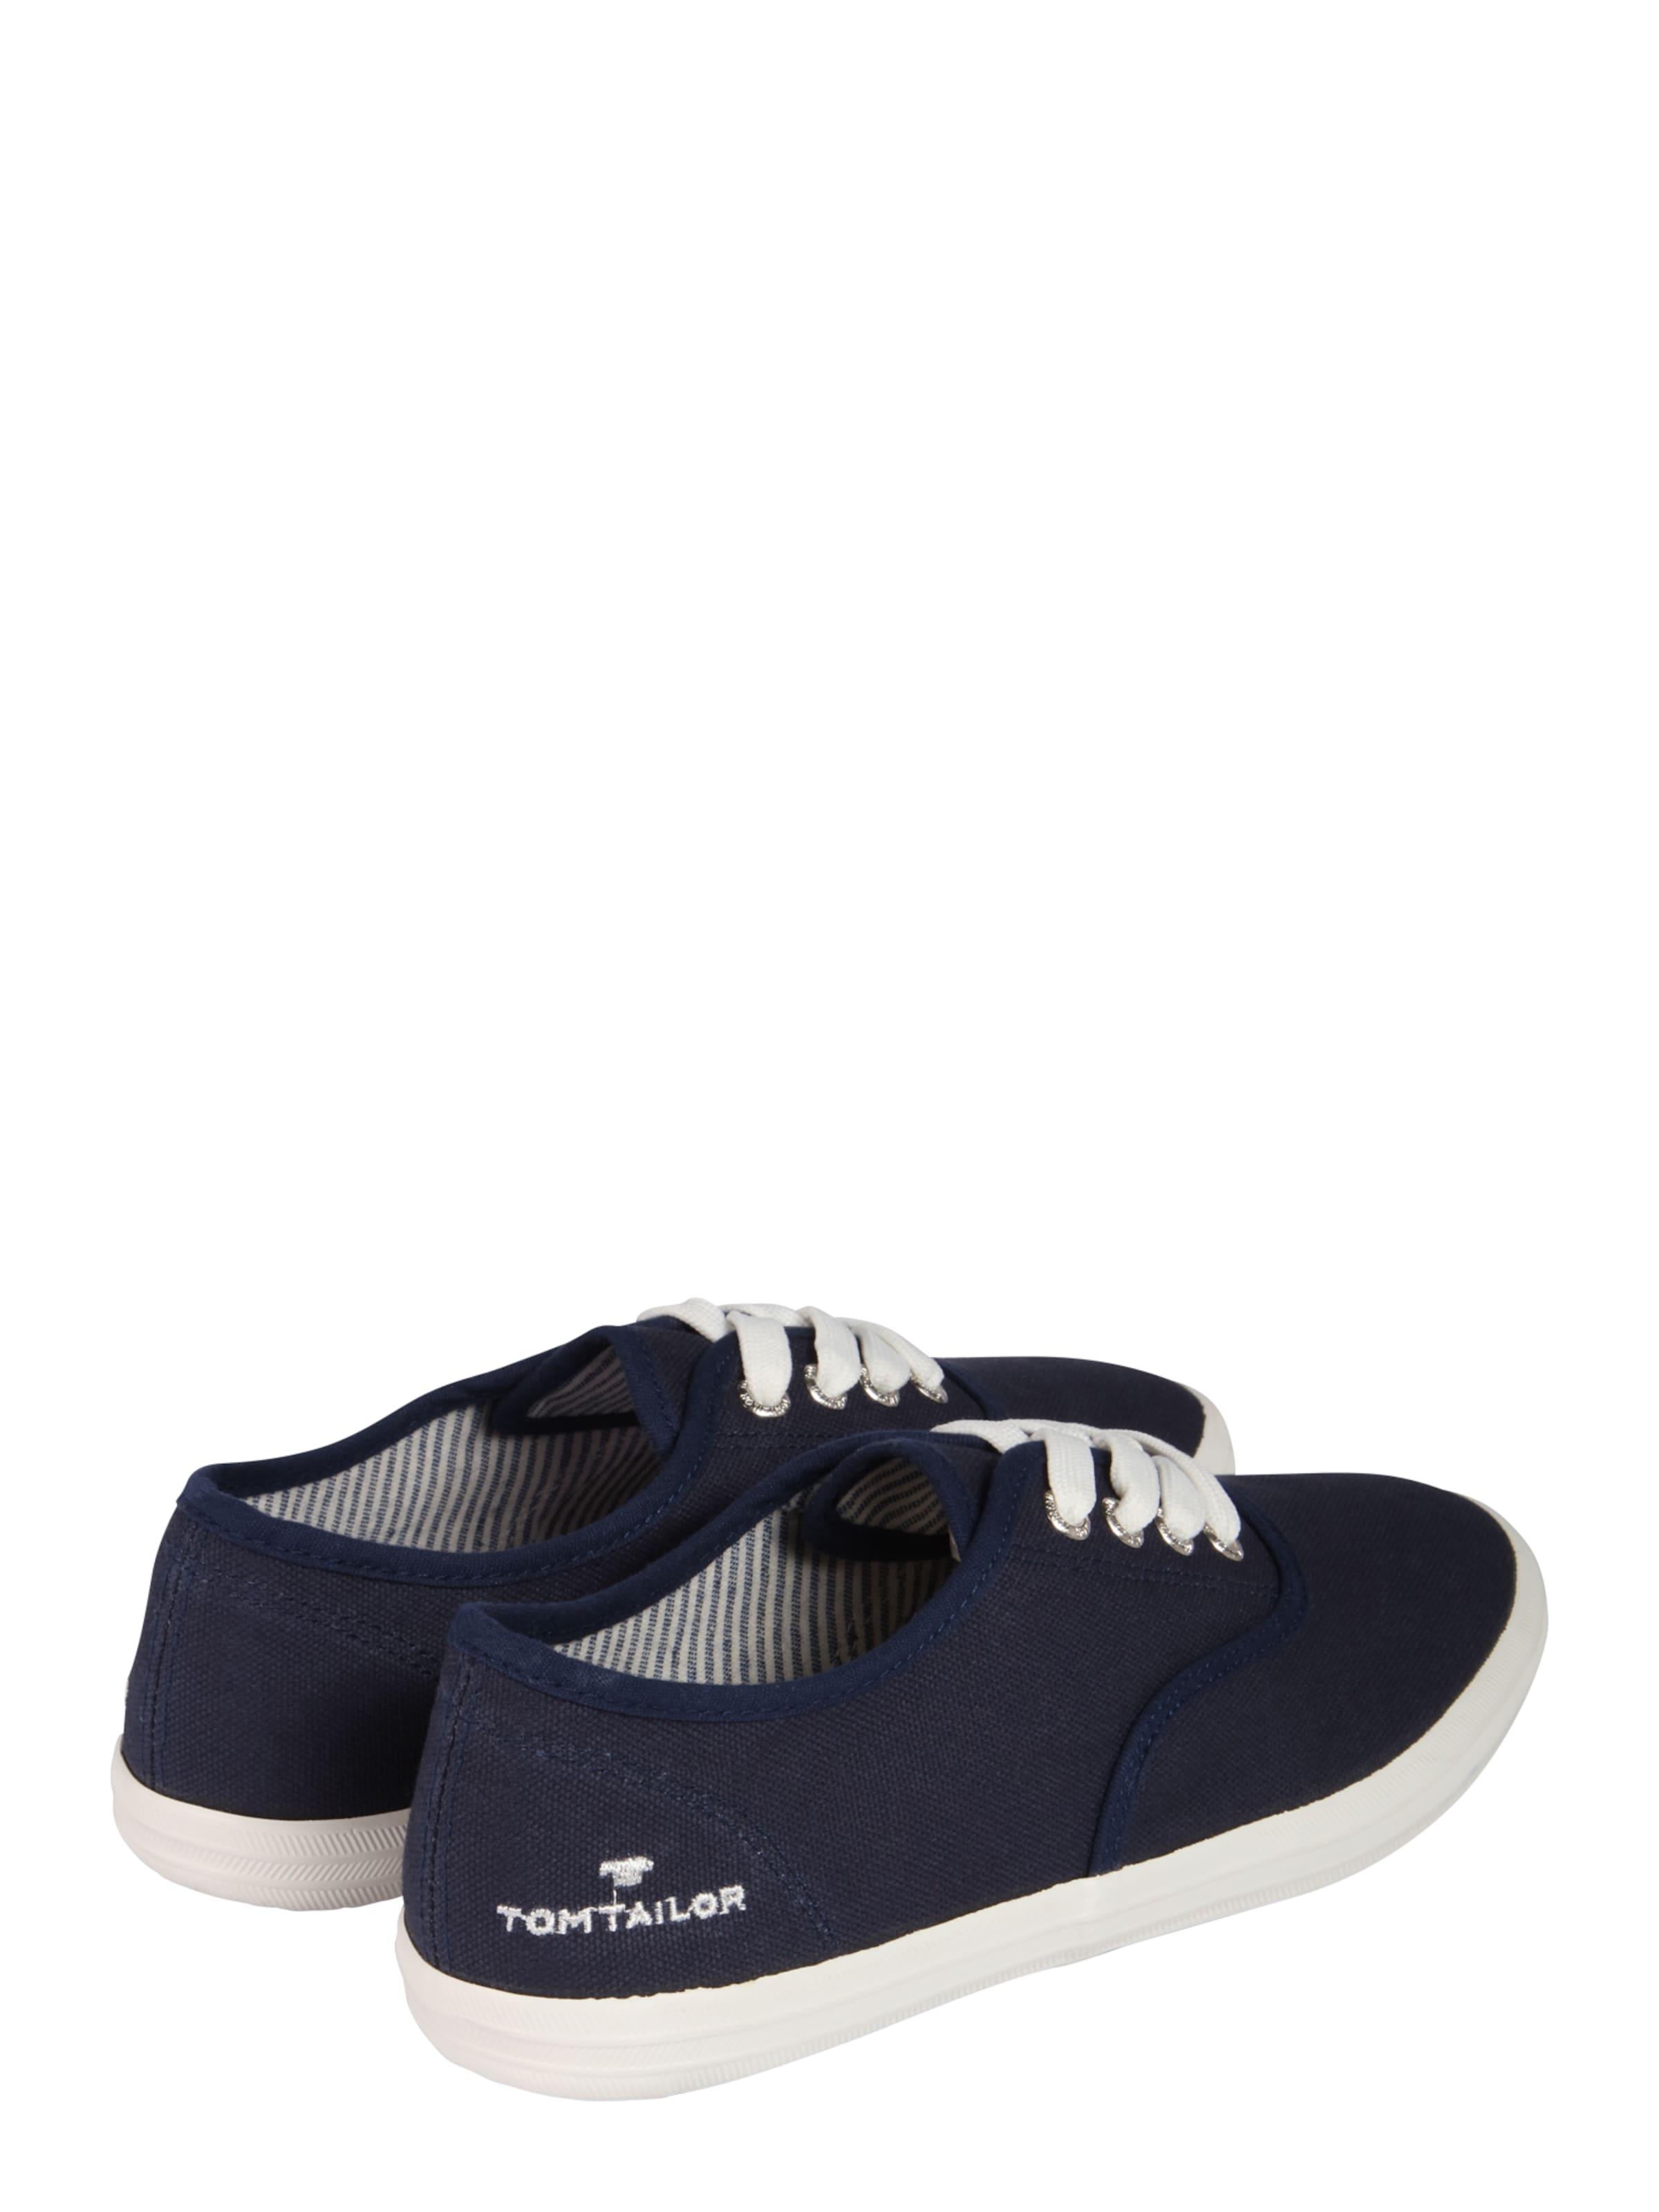 TOM TAILOR Sneaker aus Stoff Preise Günstiger Preis Freies Verschiffen Neue Stile Webseite Günstiger Preis Verkaufen Sind Große Freies Verschiffen Kauf 6eZx2